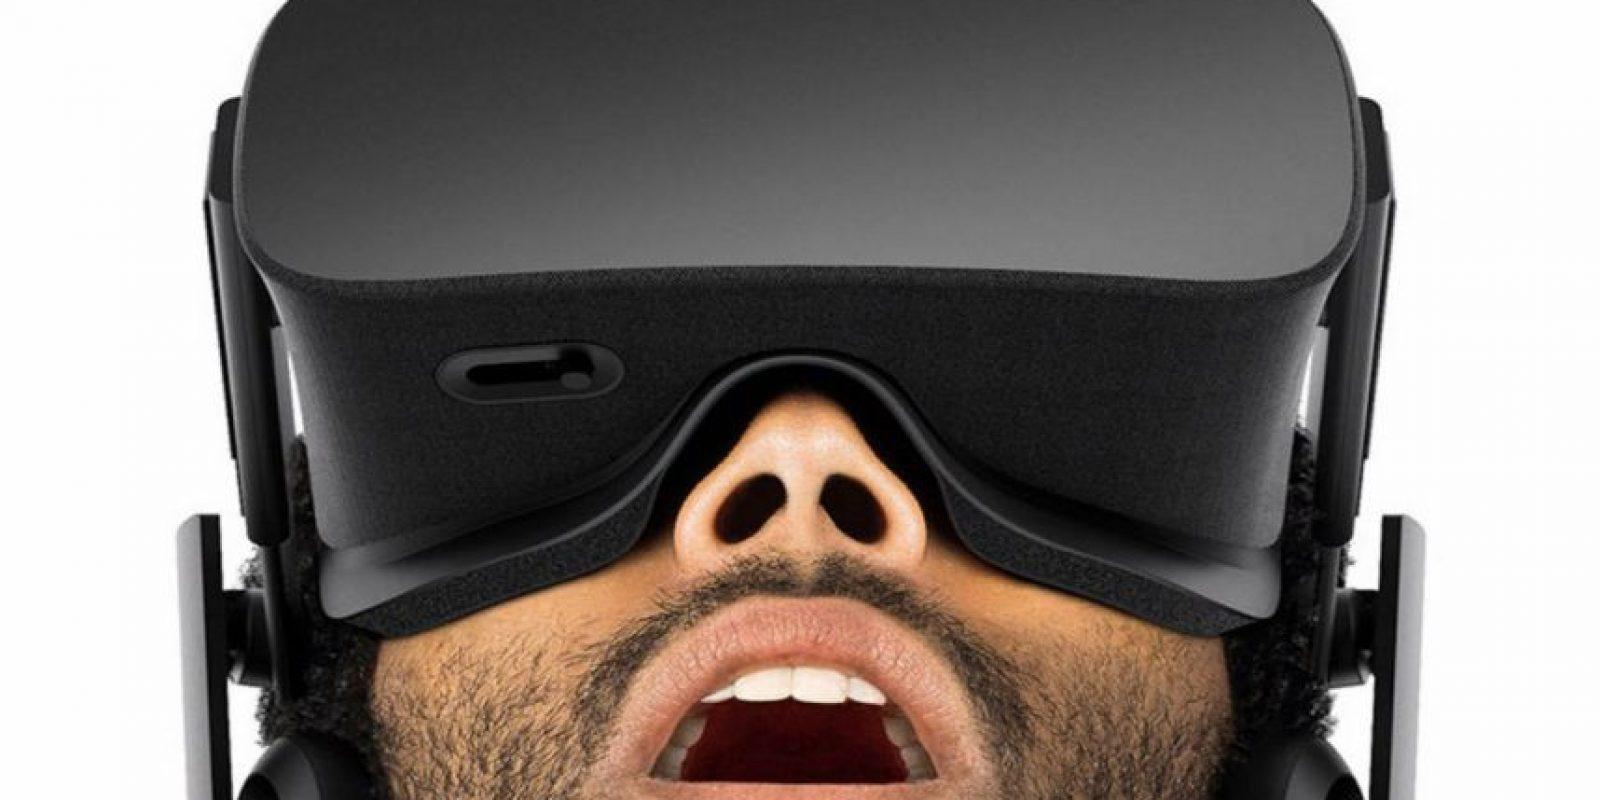 Los primeros reviews de Oculus Rift han sido bastante favorables. Foto:Oculus Rift